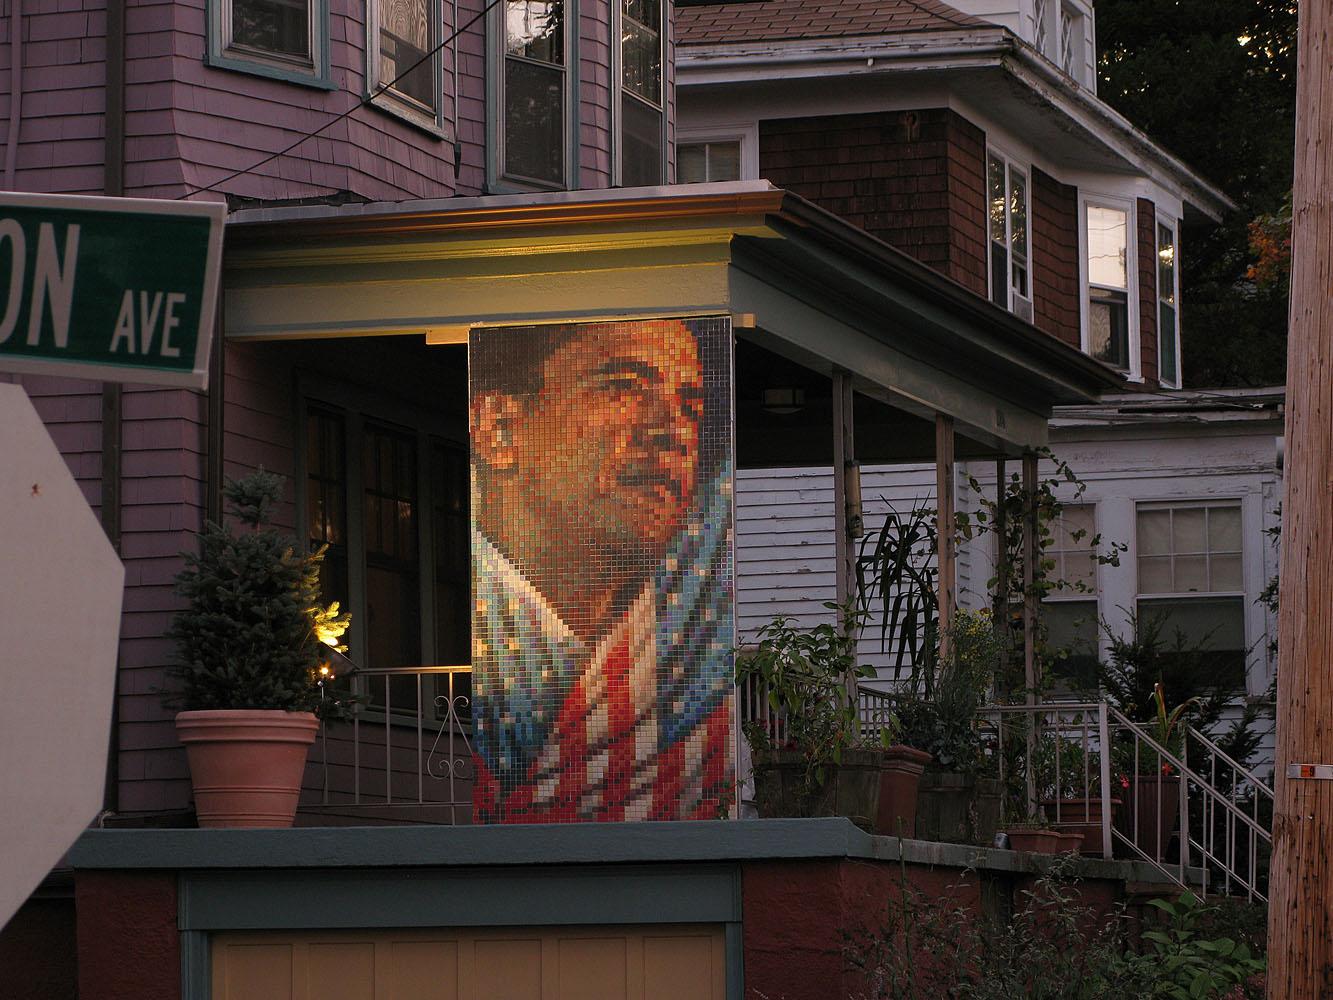 Obama night